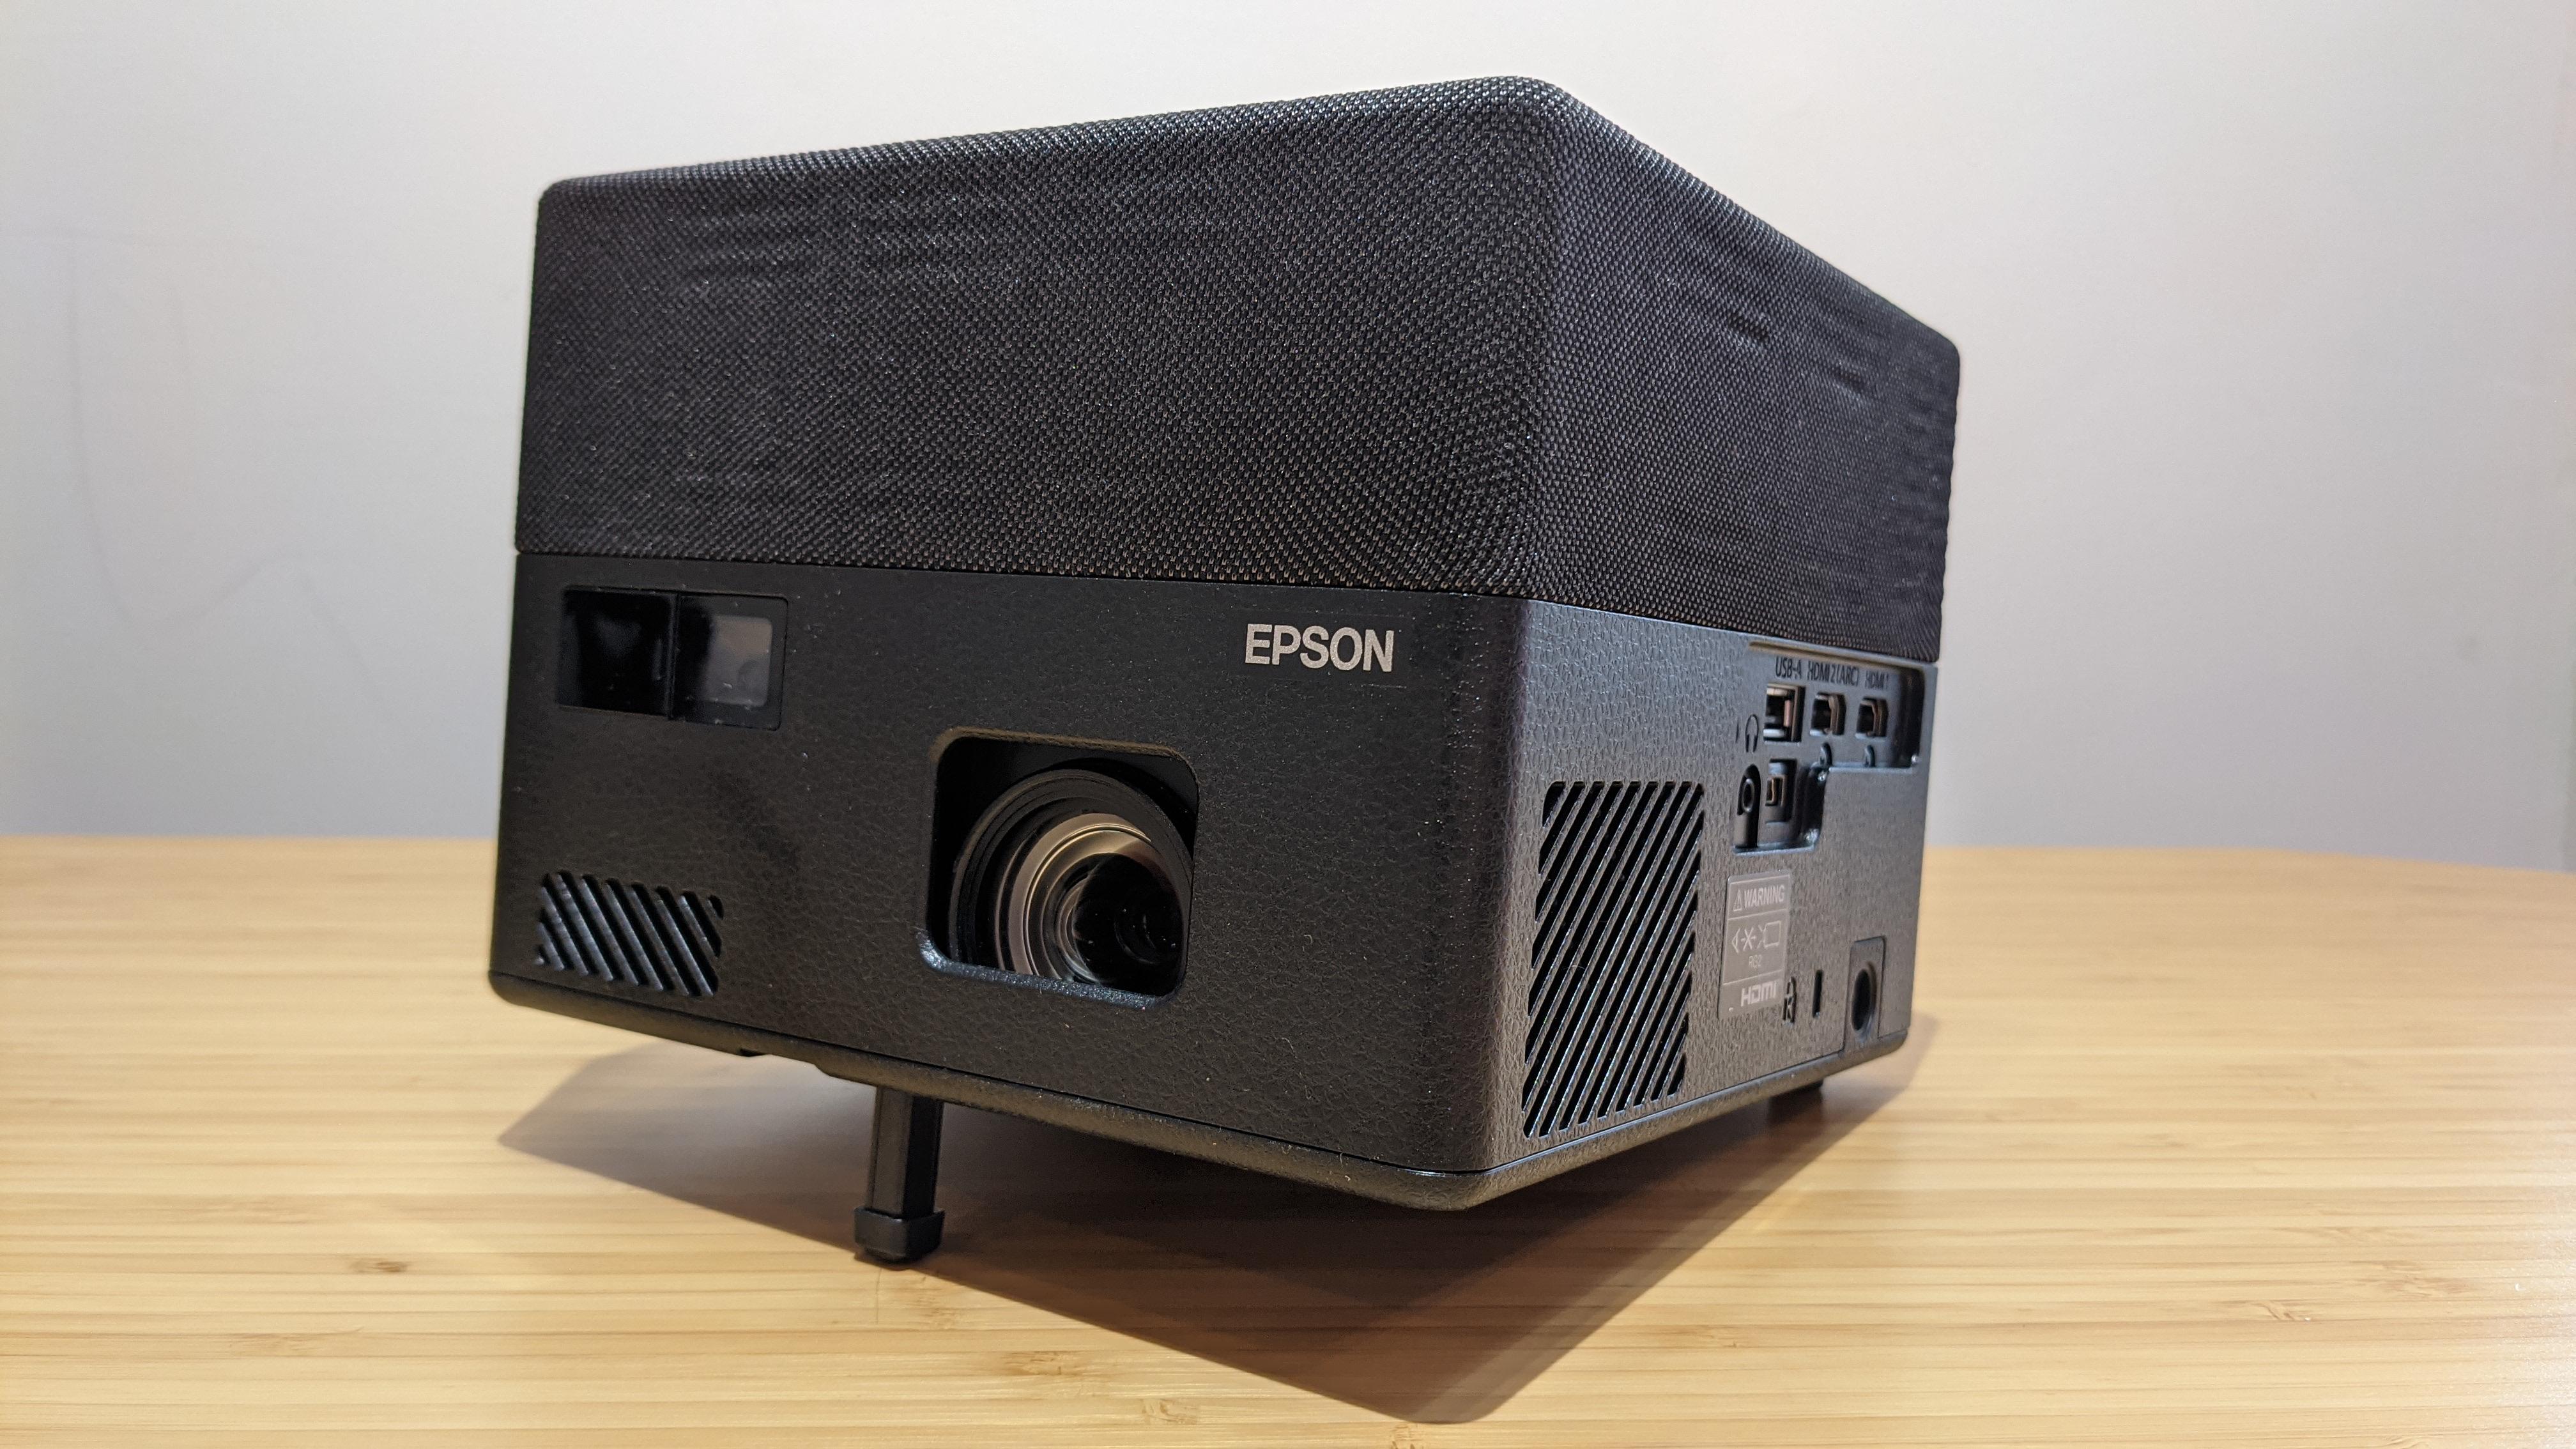 Epson EpiqVision Mini EF12 projector